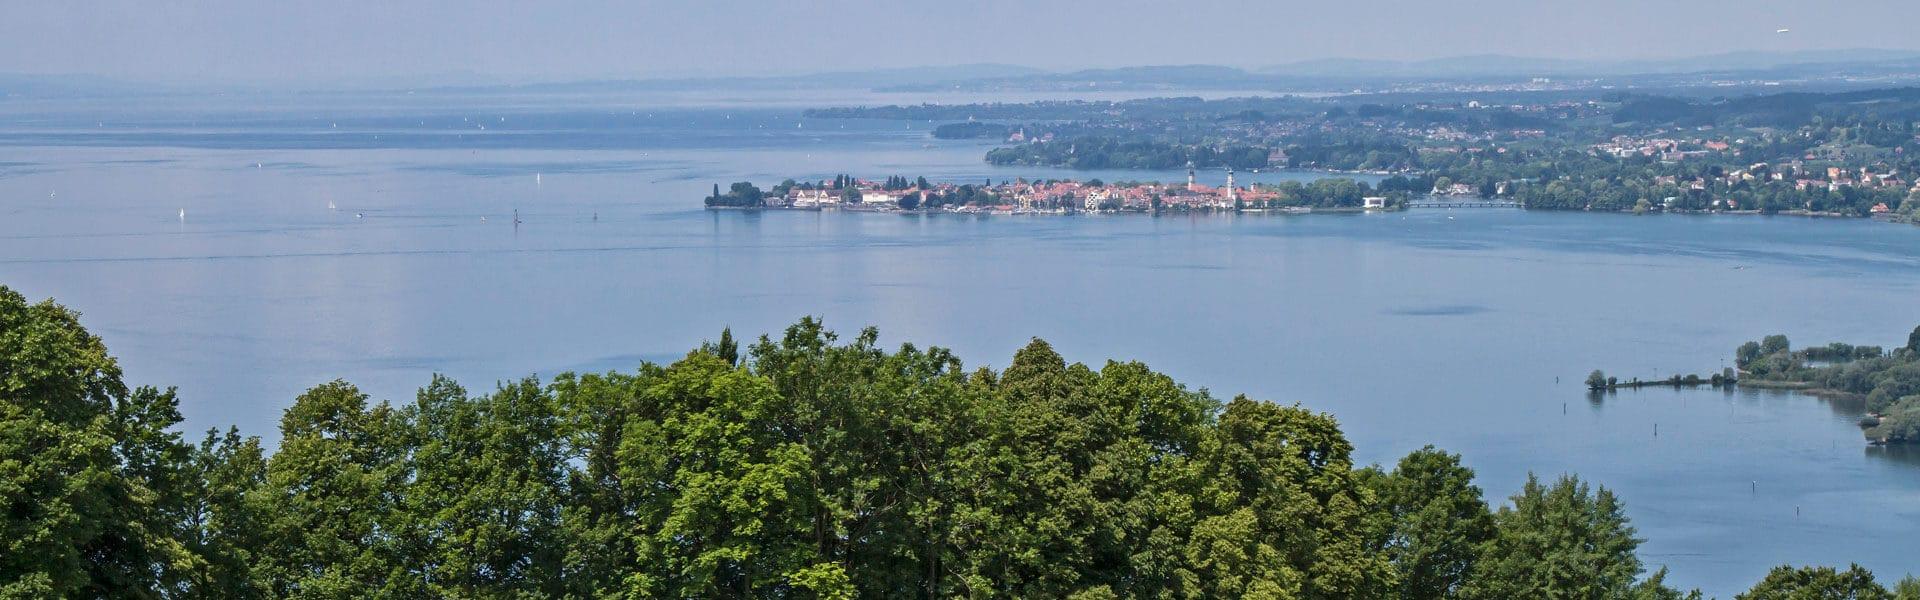 Bodensee Betriebsausflug mit Fahrrad: Von Friedrichshafen nach Lindau, Bregenz, Konstanz